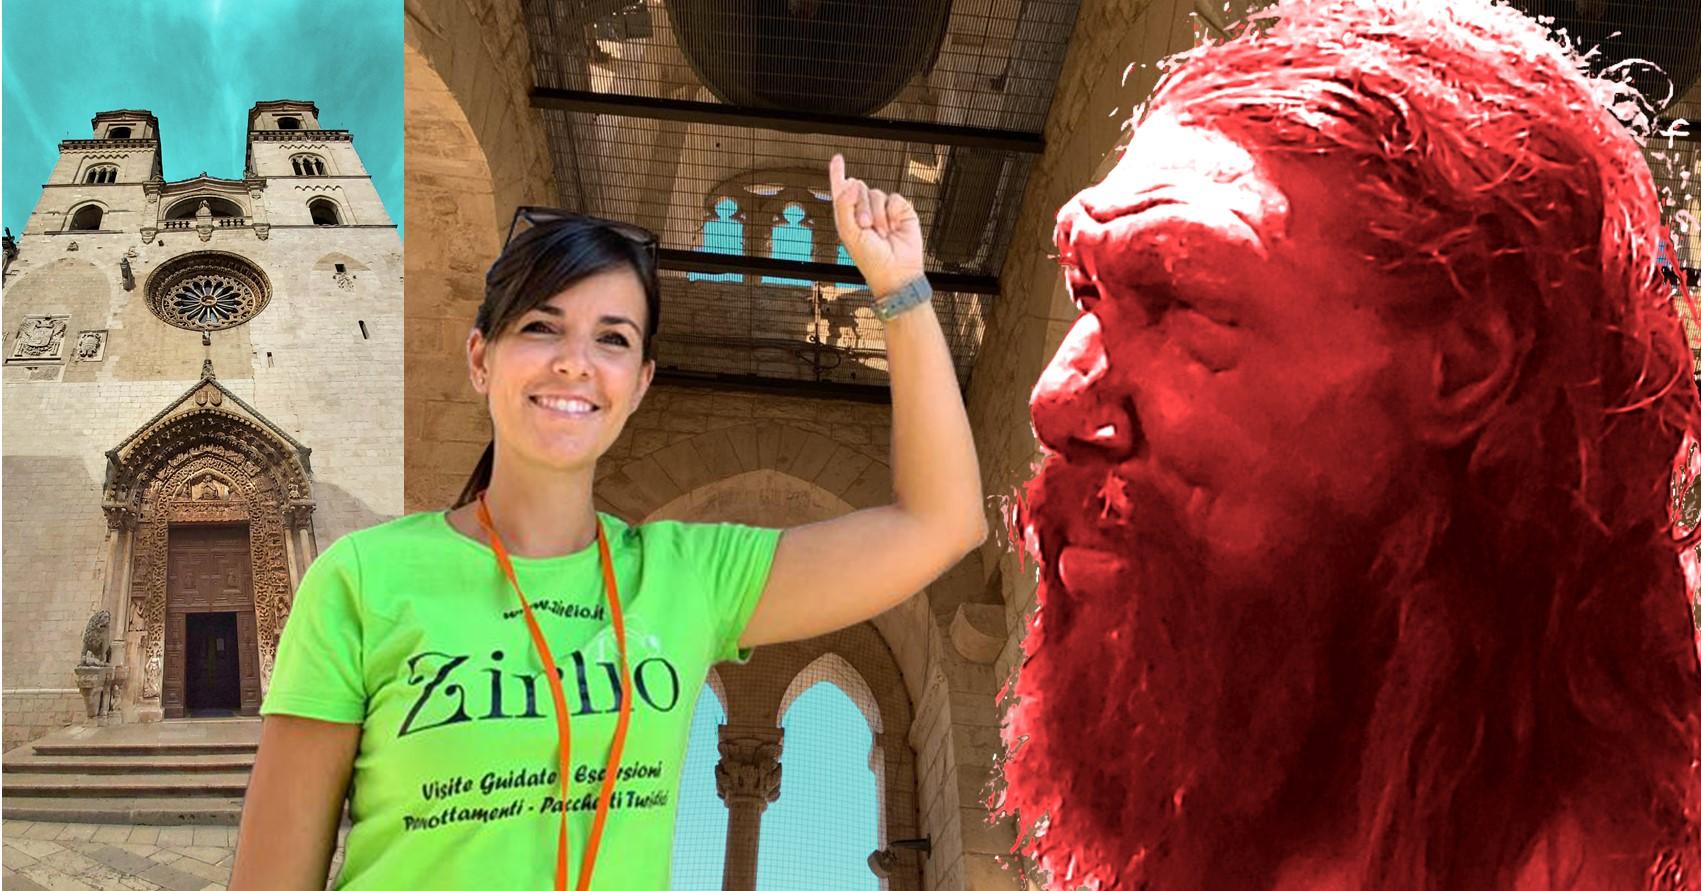 Visita guidata ad Altamura – Dall'uomo di Neanderthal al Campanile della Cattedrale